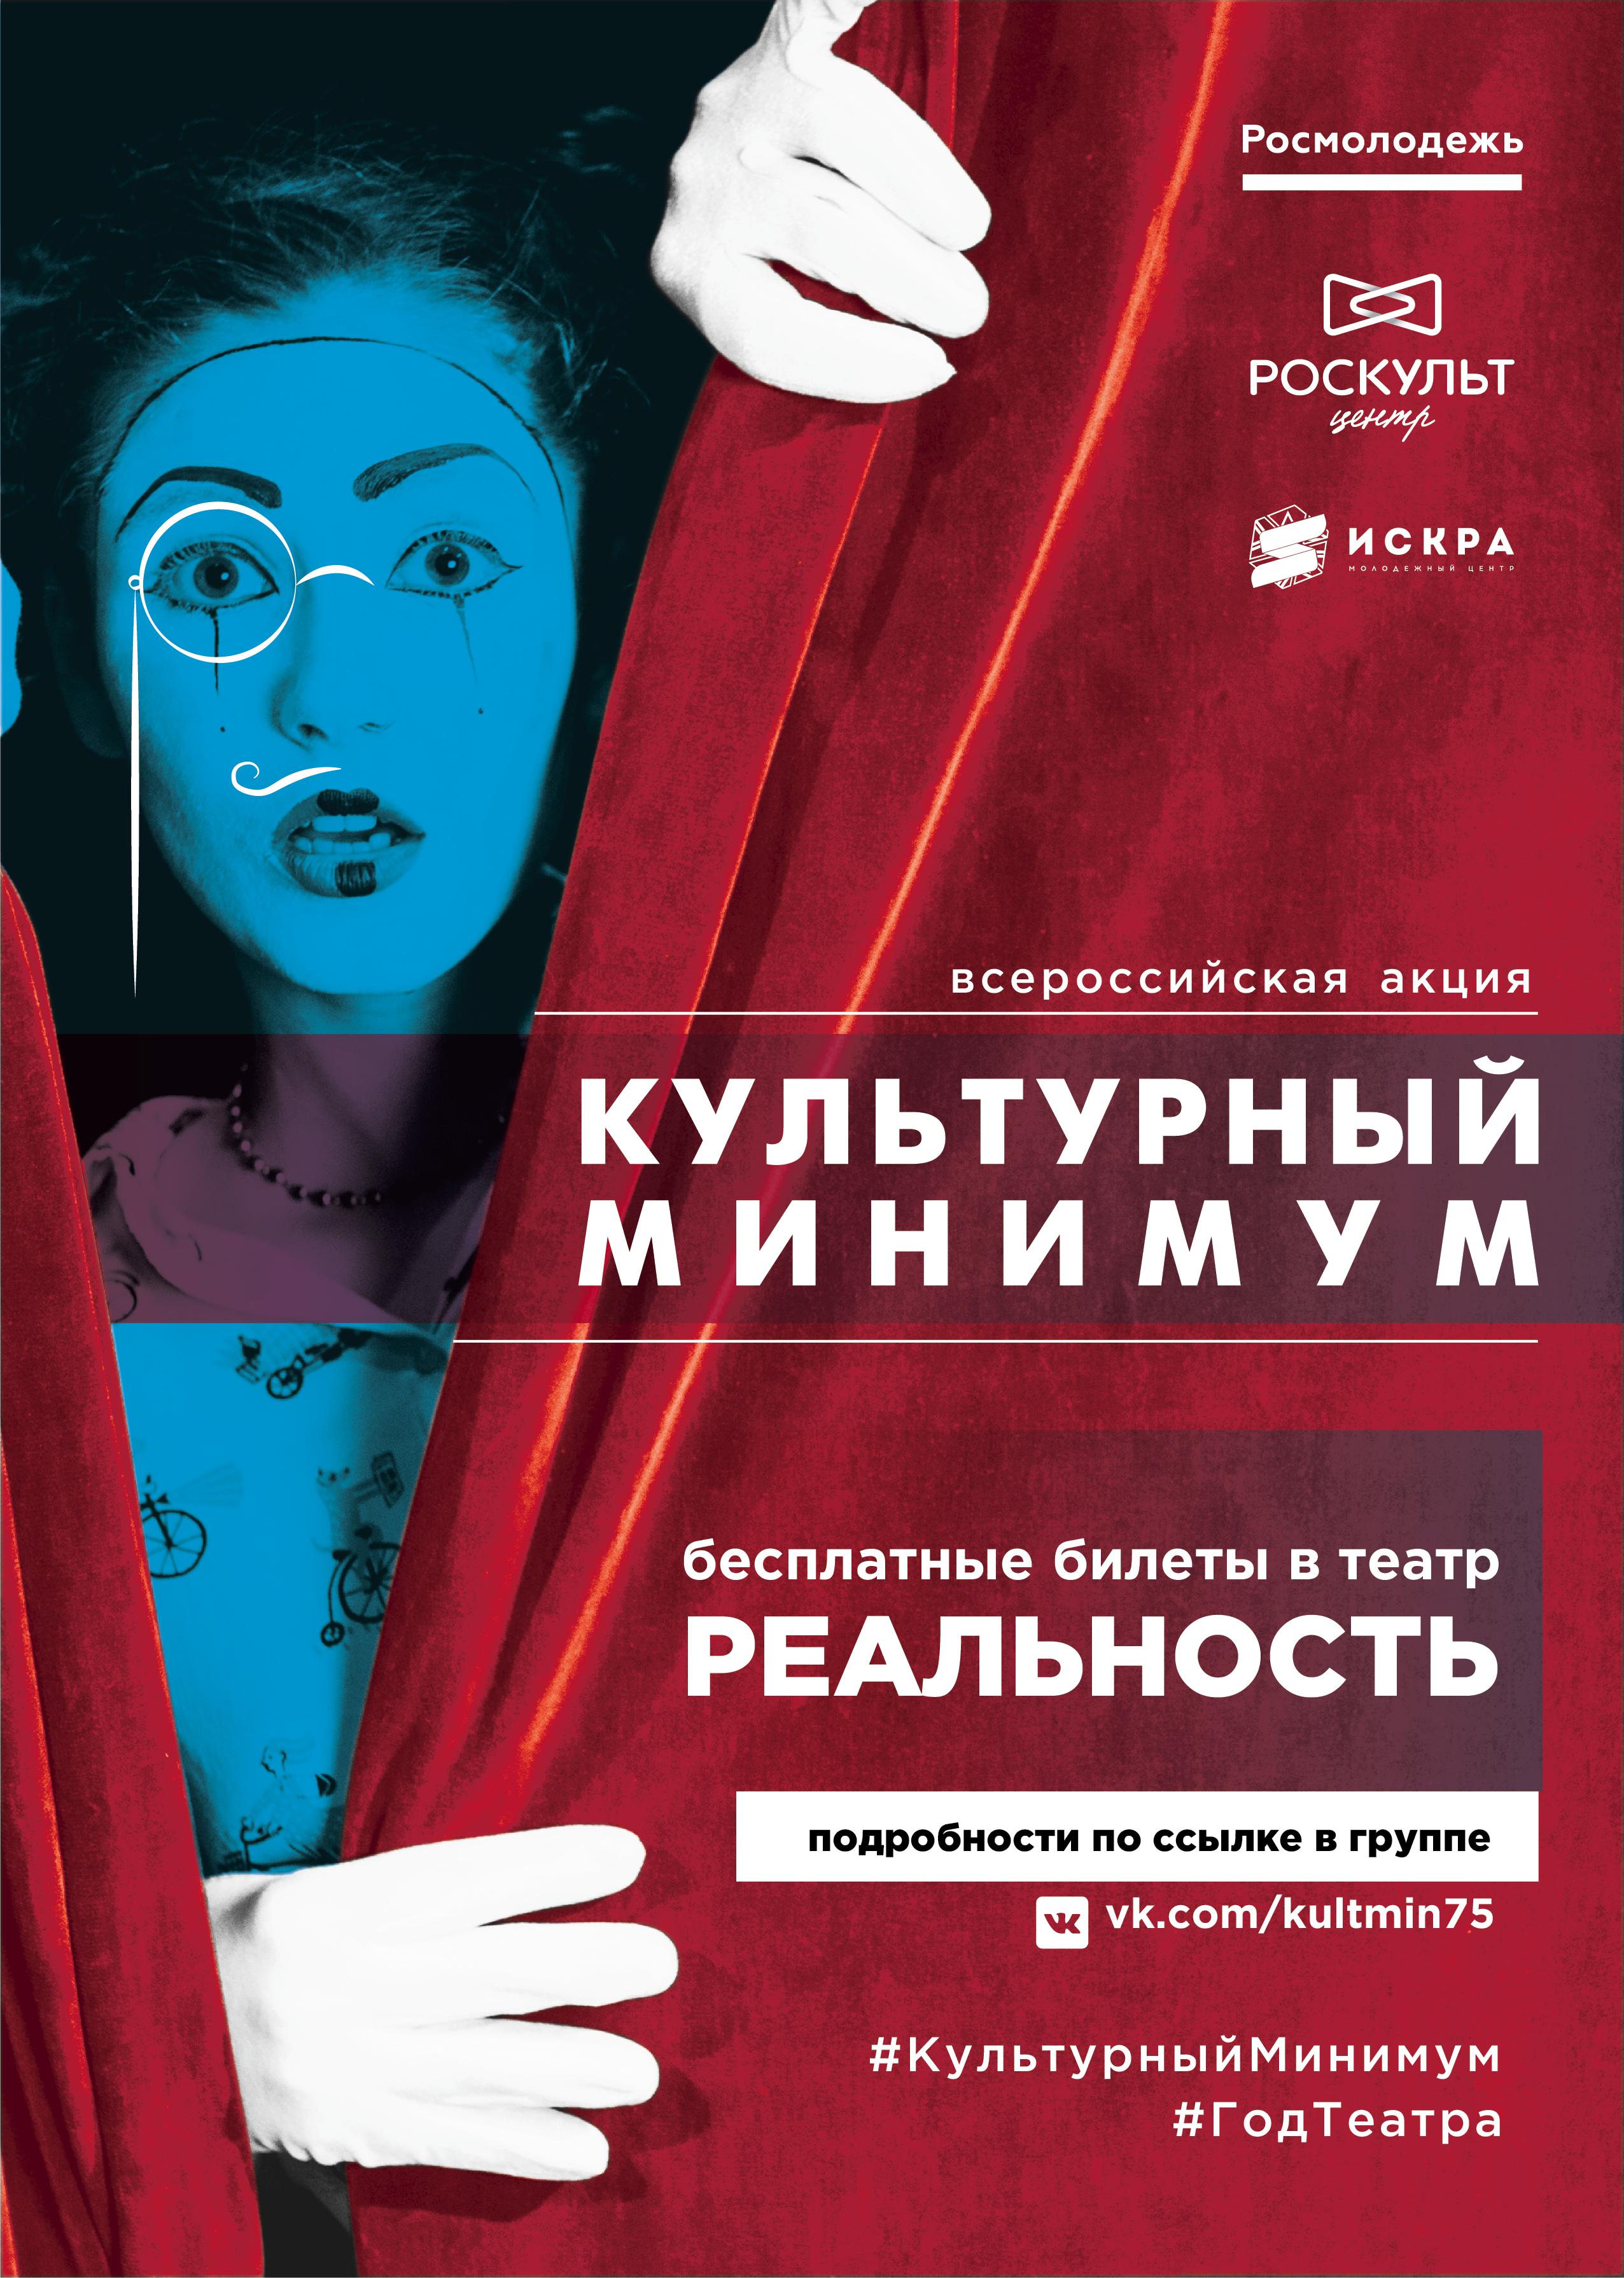 Всероссийская акция «Культурный минимум» пройдет в Забайкальском крае